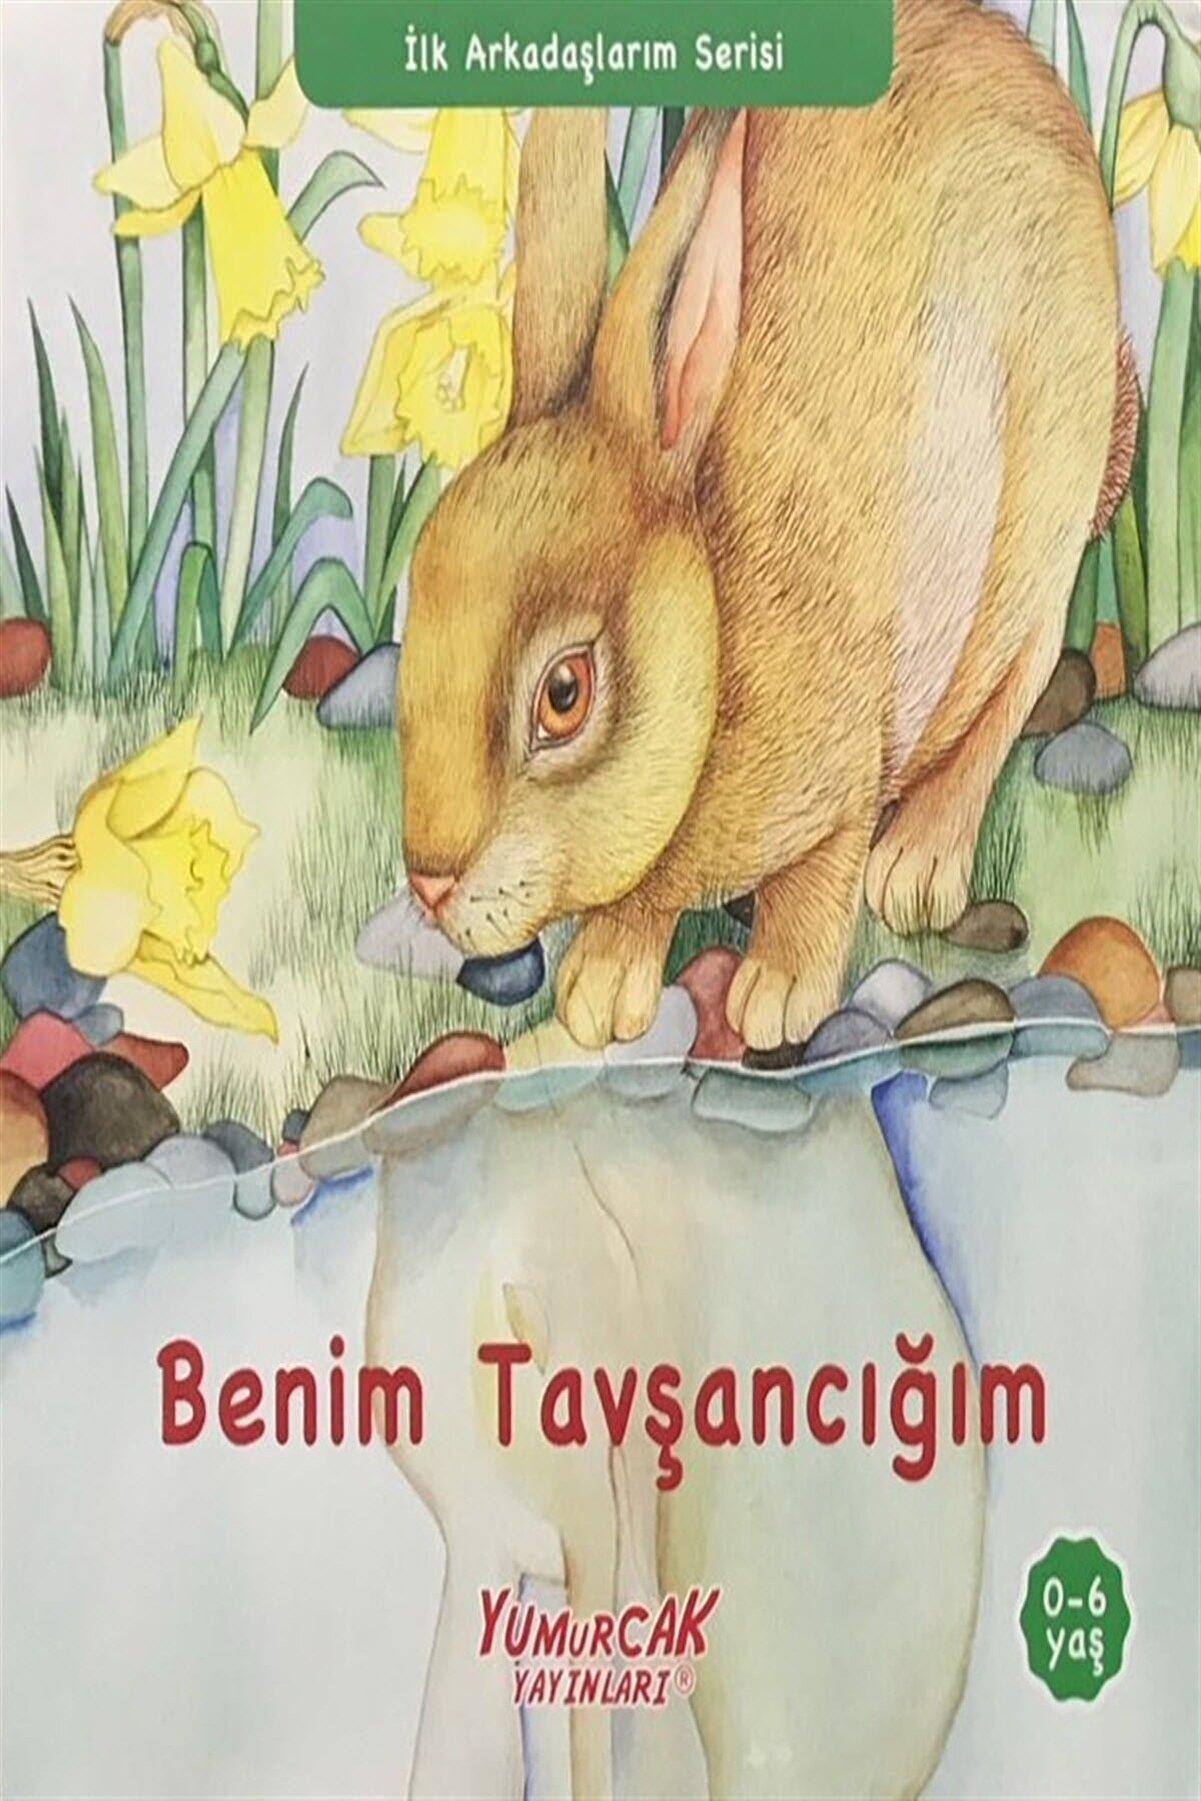 Yumurcak Yayınları İlk Arkadaşlarım Serisi (2 Kitap) - Kolektif